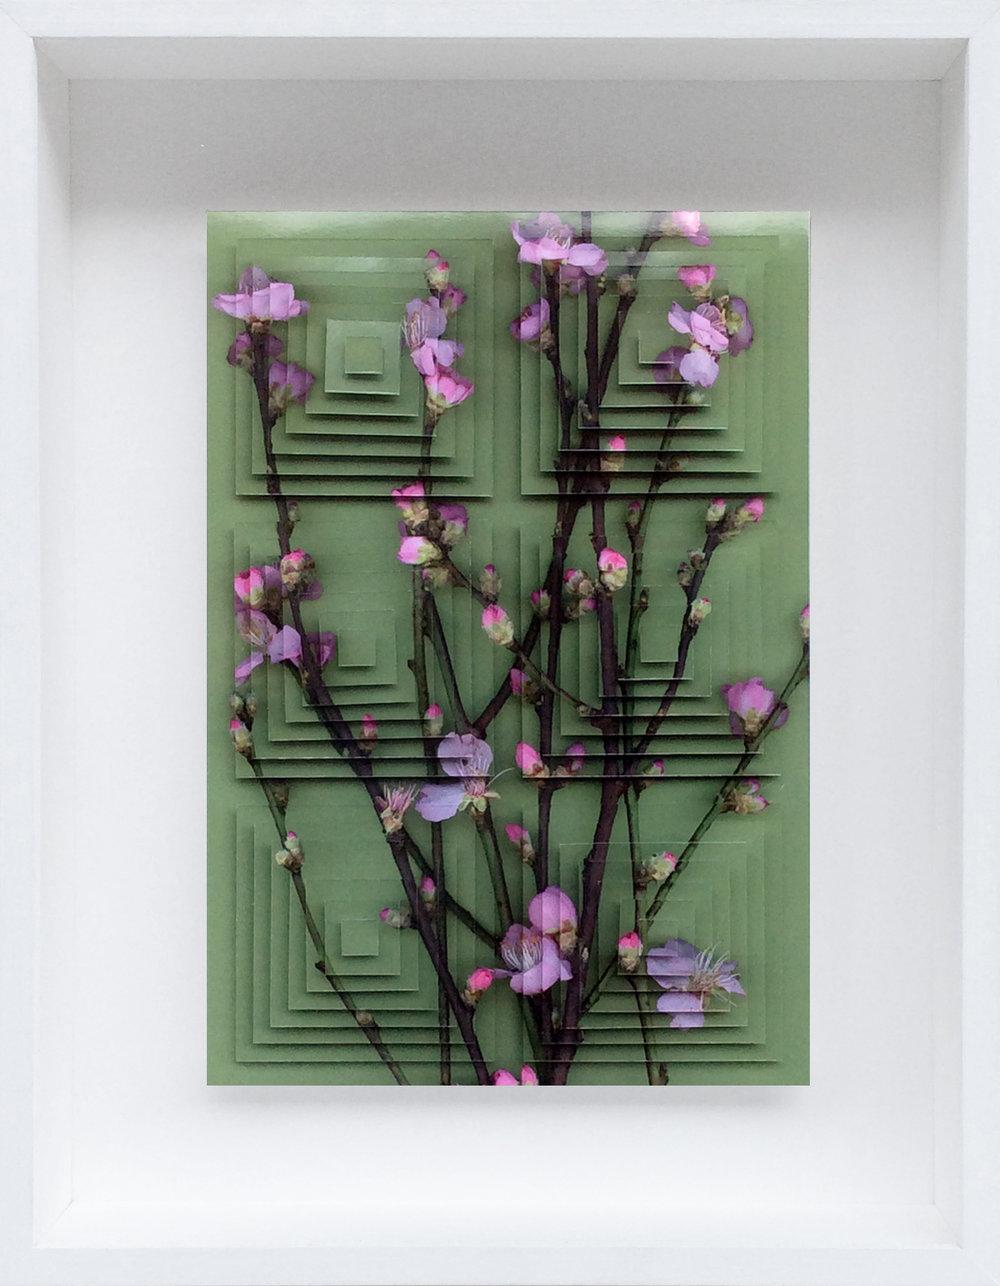 5. Galleria-l'Affiche_Alfred-Drago-Rens_Fiore (15)_2015 - 33,2x25,7 cm.jpg